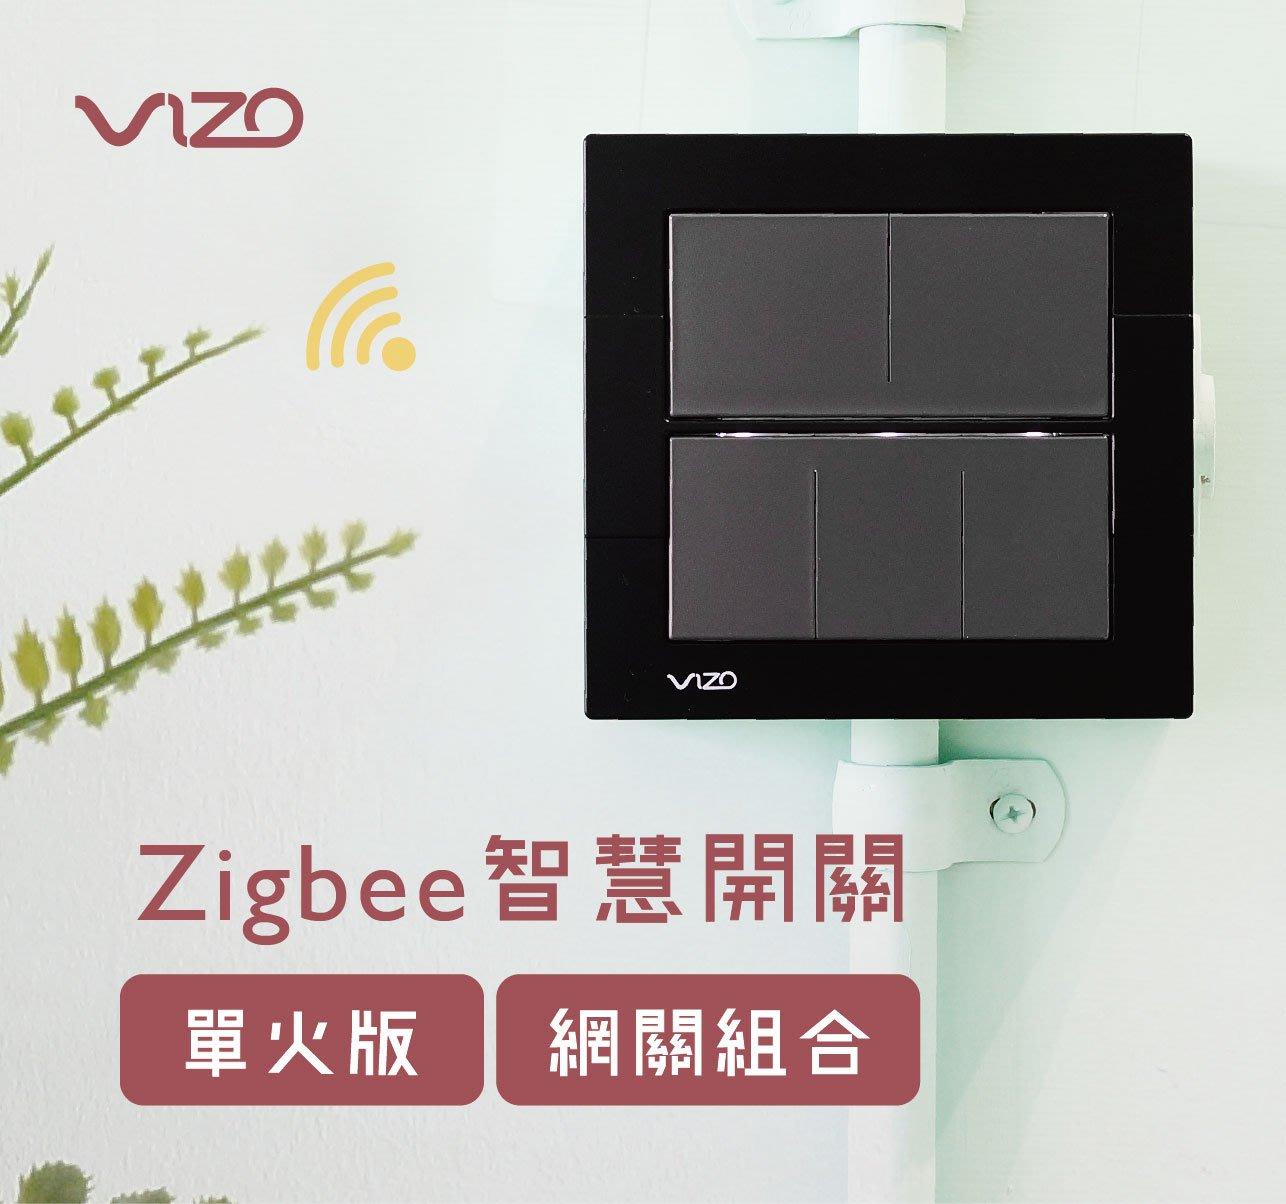 搭配網關組合更優惠 [五按鍵開關]尊爵黑 VIZO Zigbee單火線版智慧開關